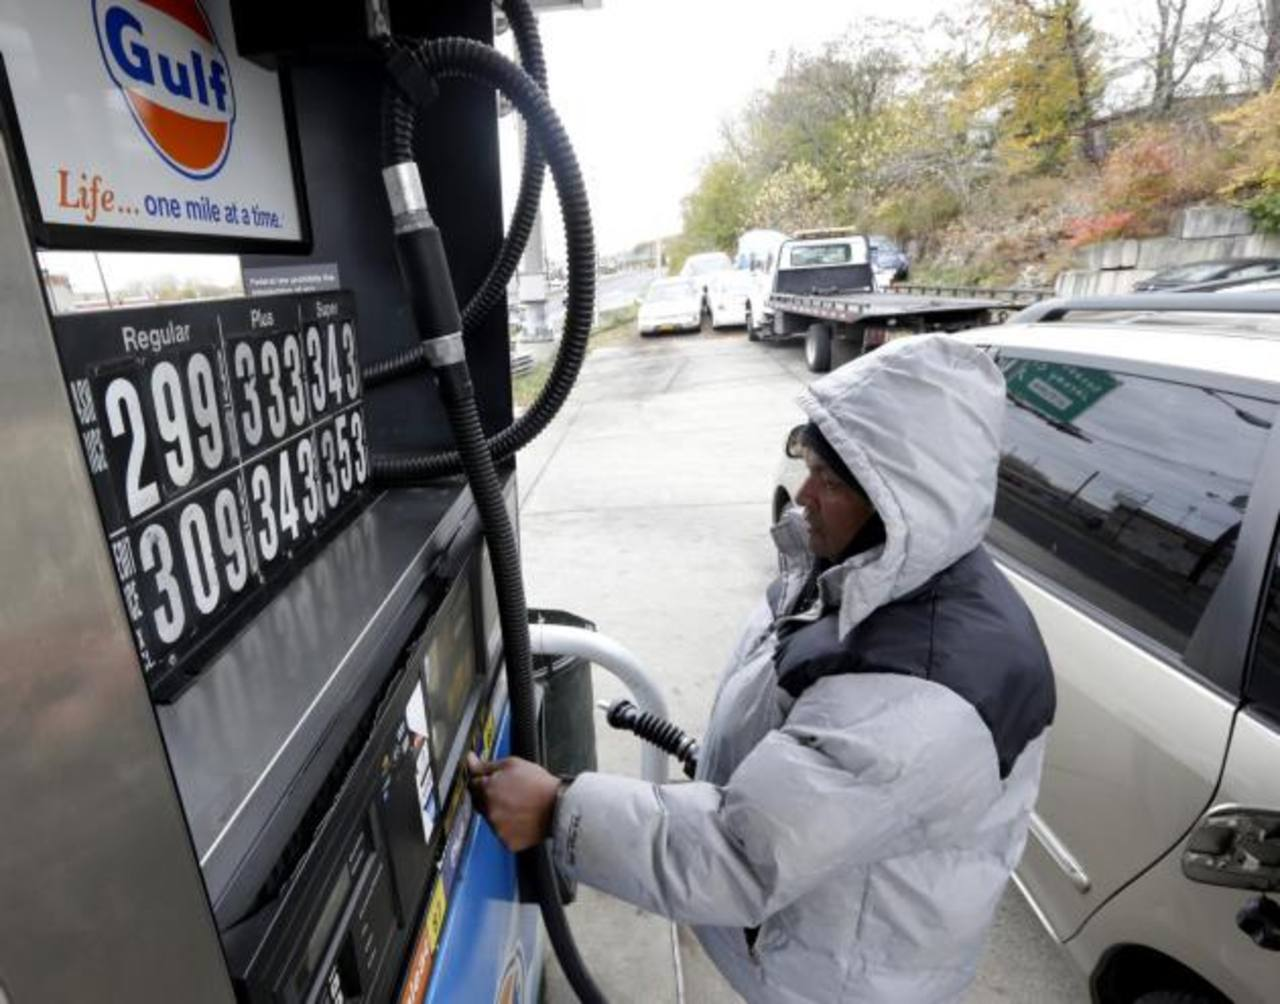 El galón de combustible está a $3.73 en promedio. foto edh /